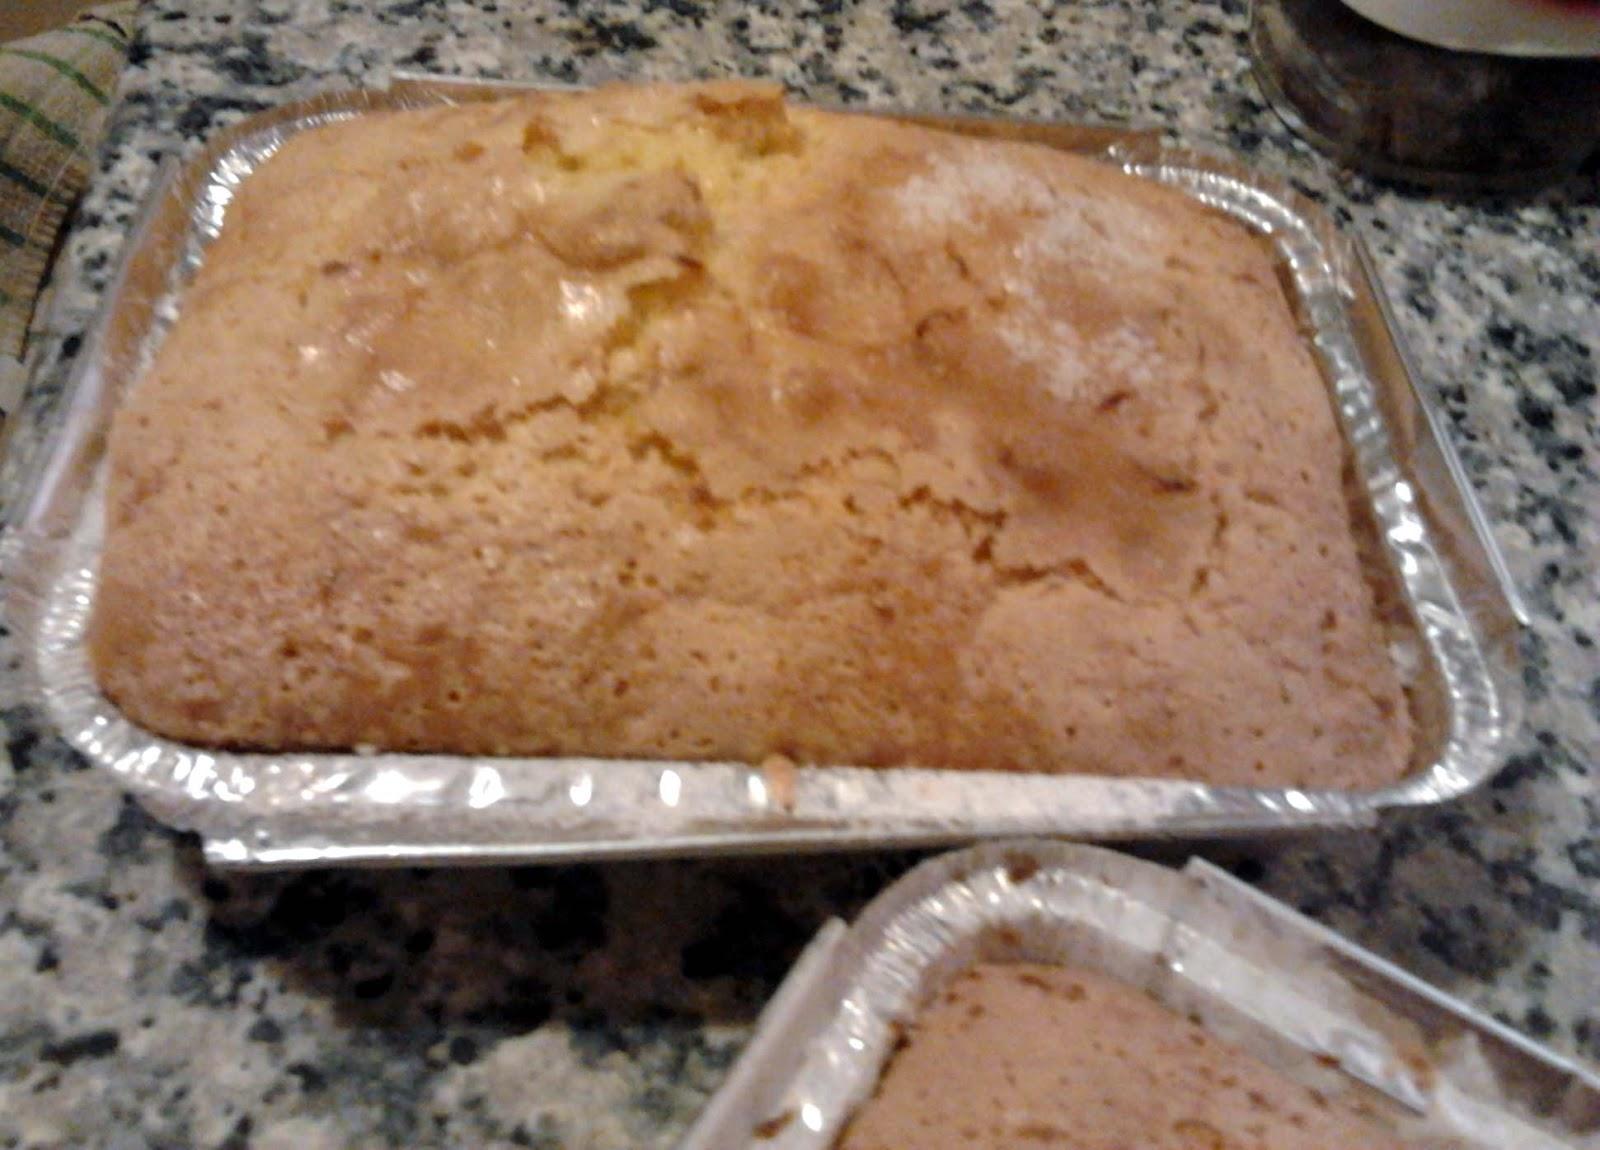 Los dulces de sole bizcocho esponjoso al lim n - Bizcocho de limon esponjoso ...